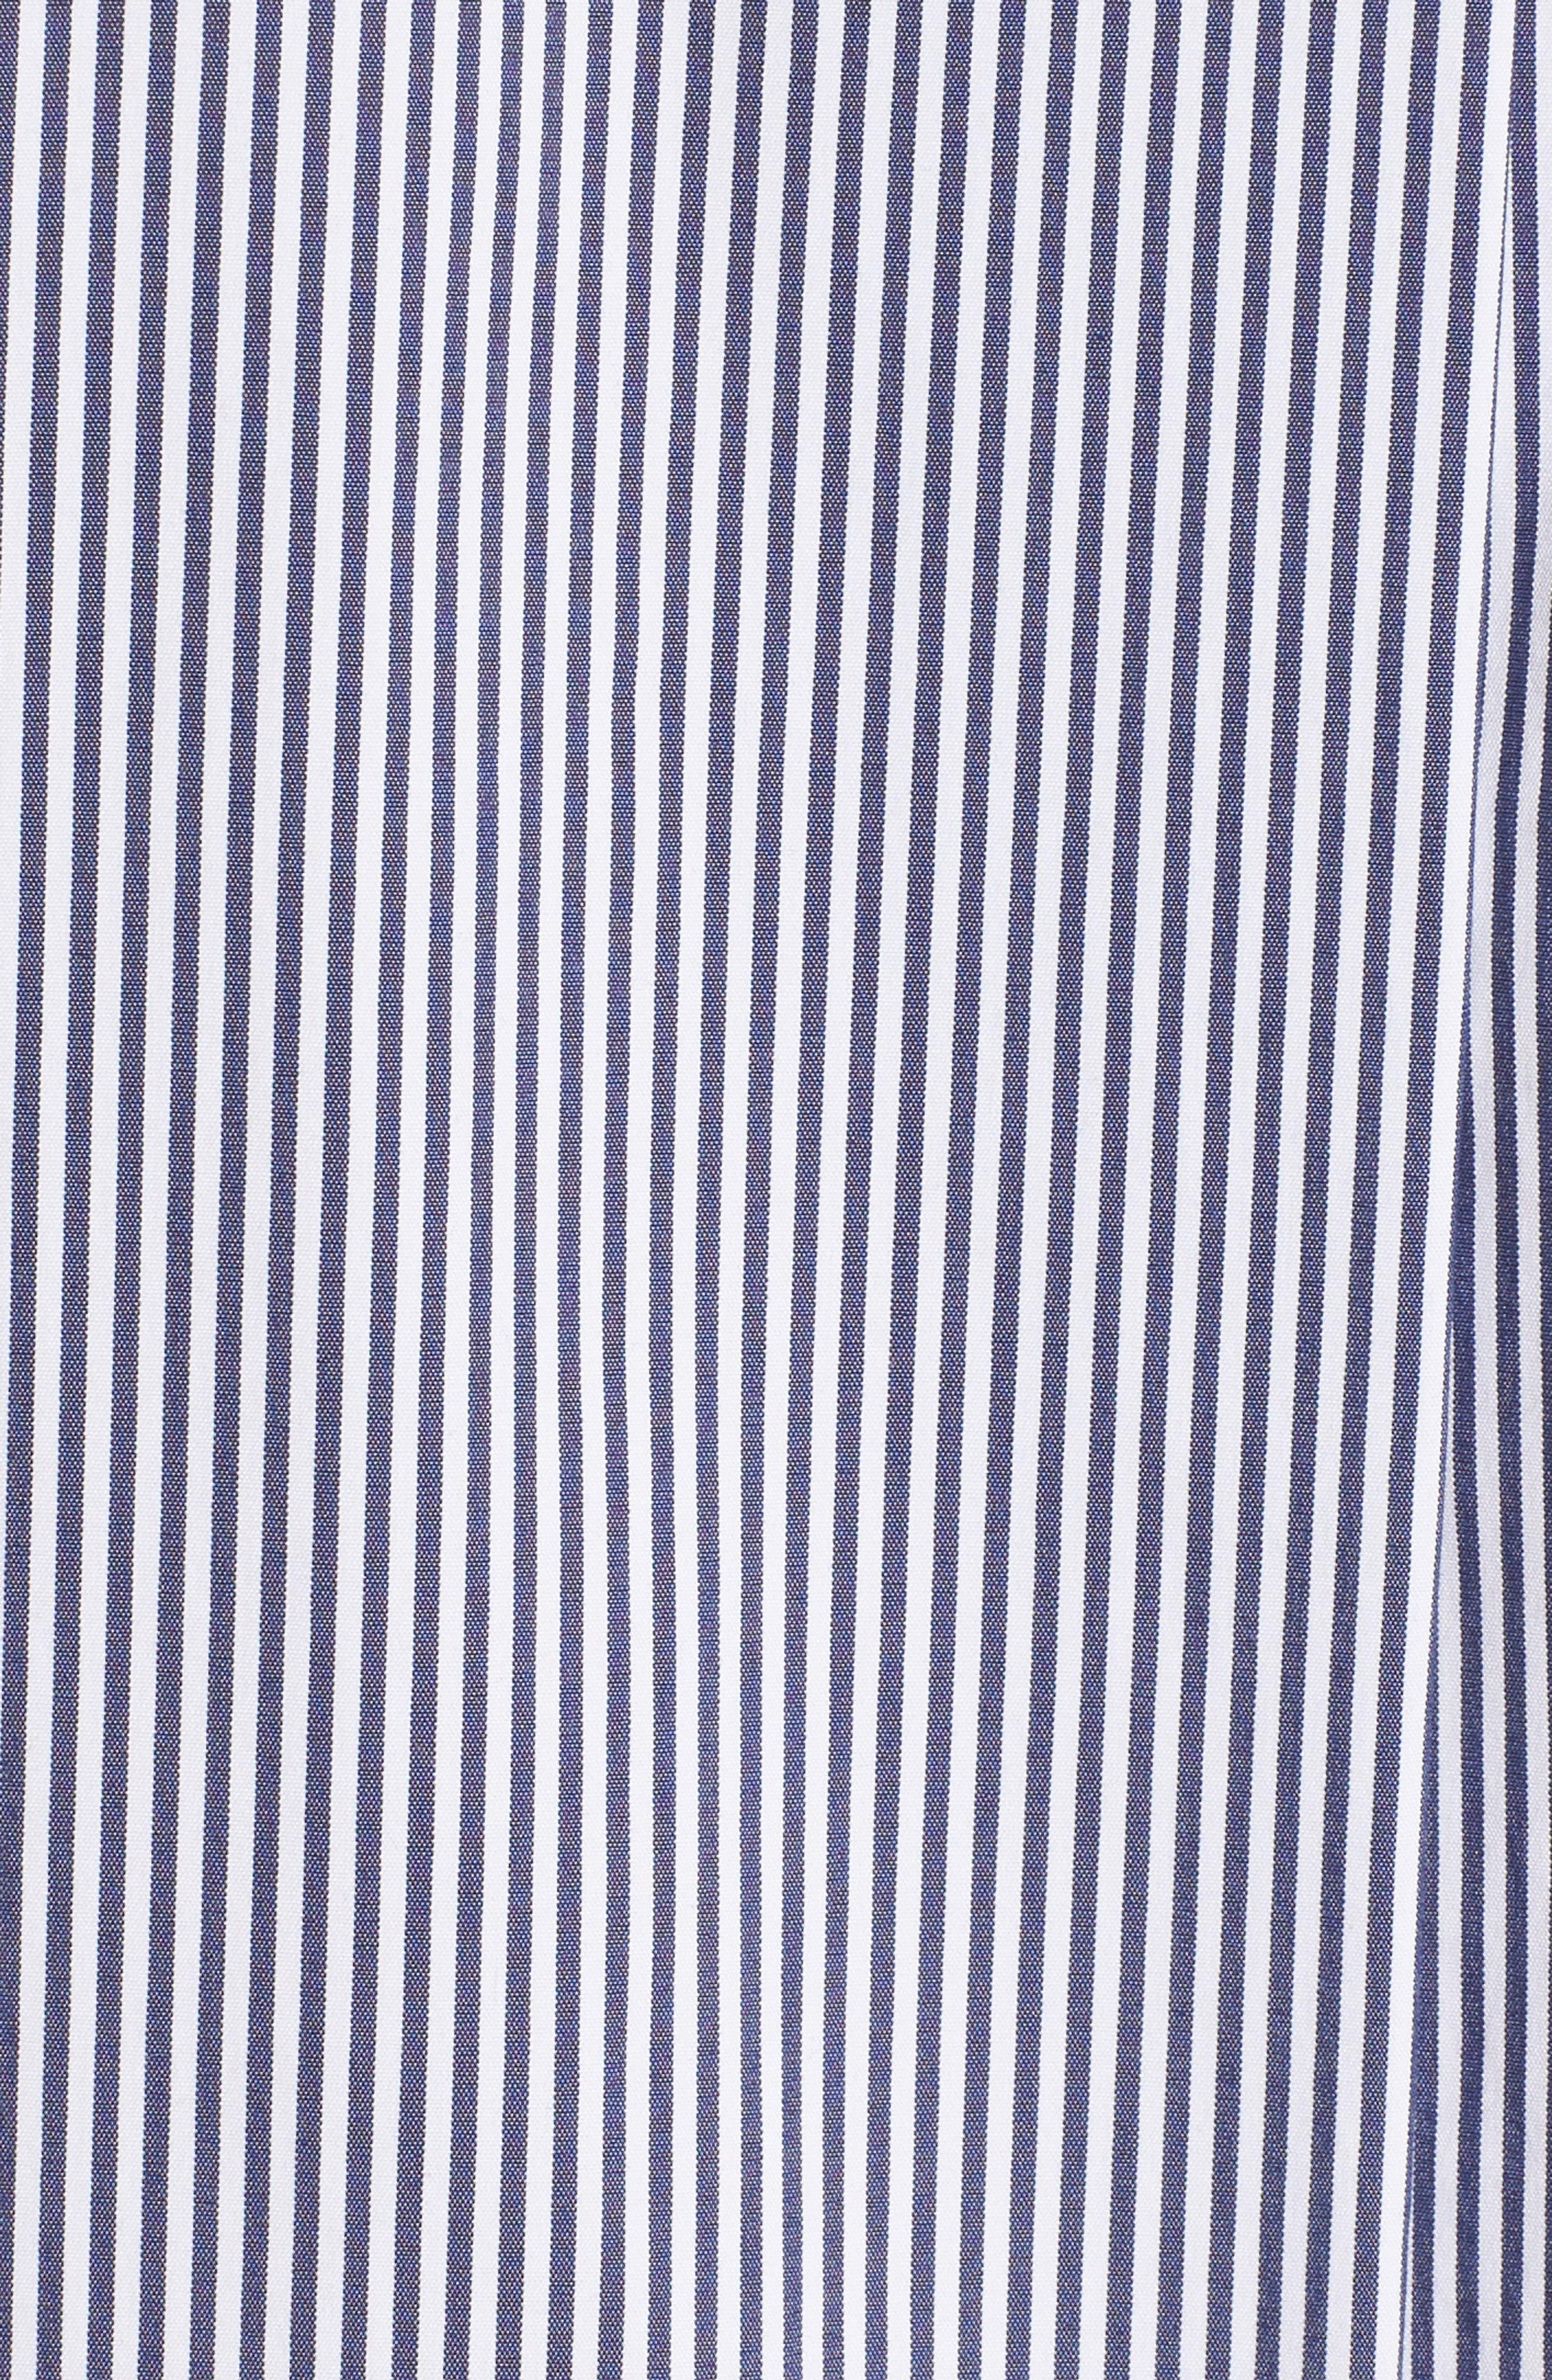 Kadin Stripe Blouse,                             Alternate thumbnail 5, color,                             400